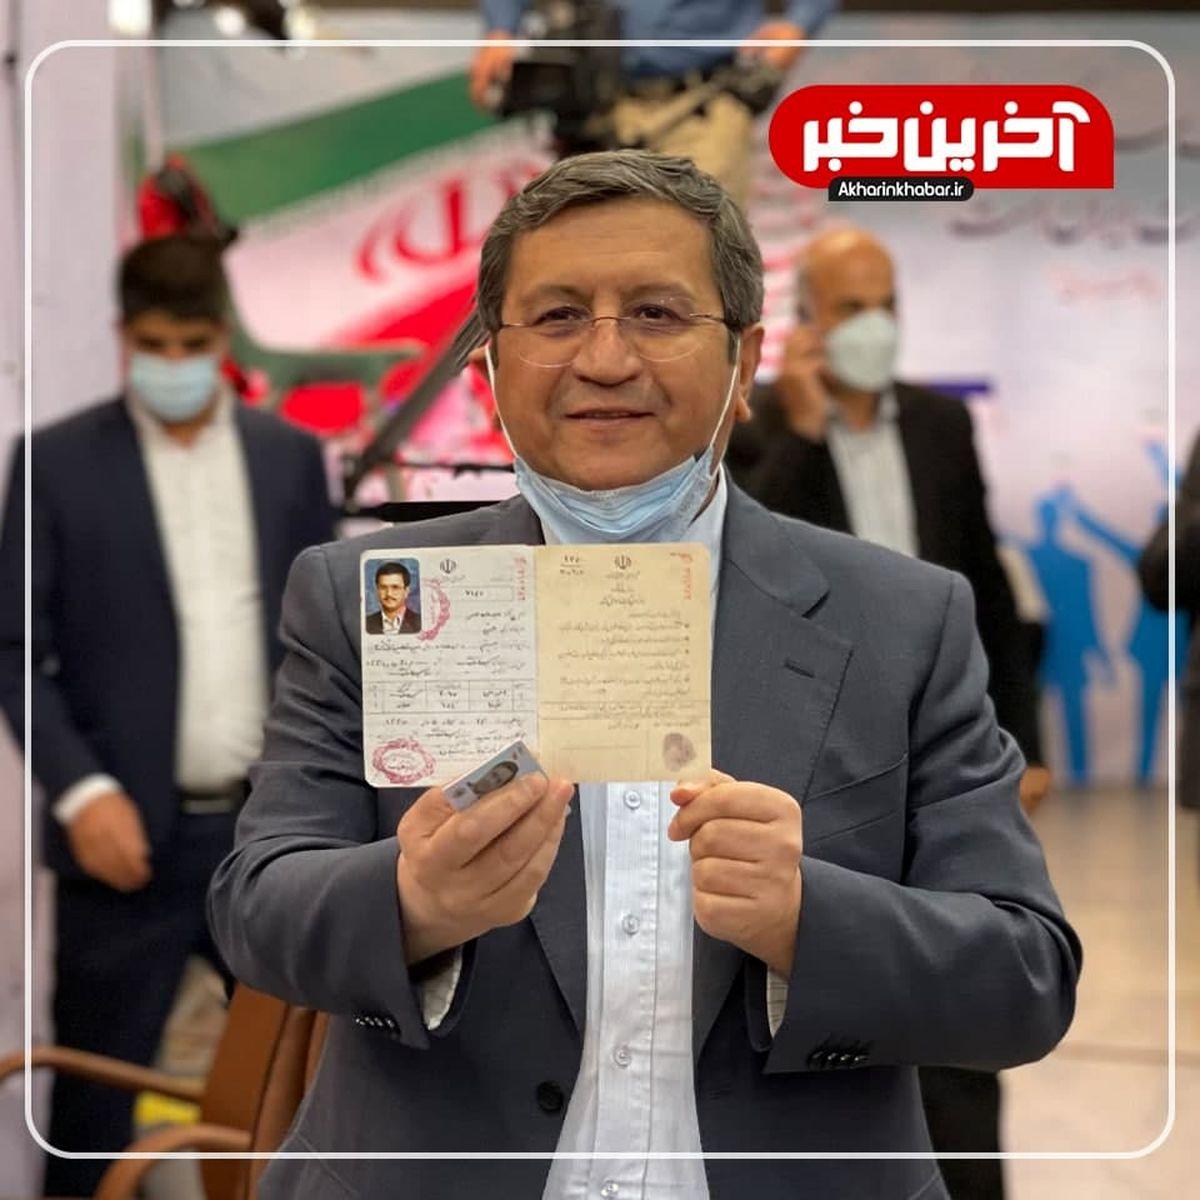 روسای ستادهای انتخاباتی همتی در ۱۰ استان تعیین شدند